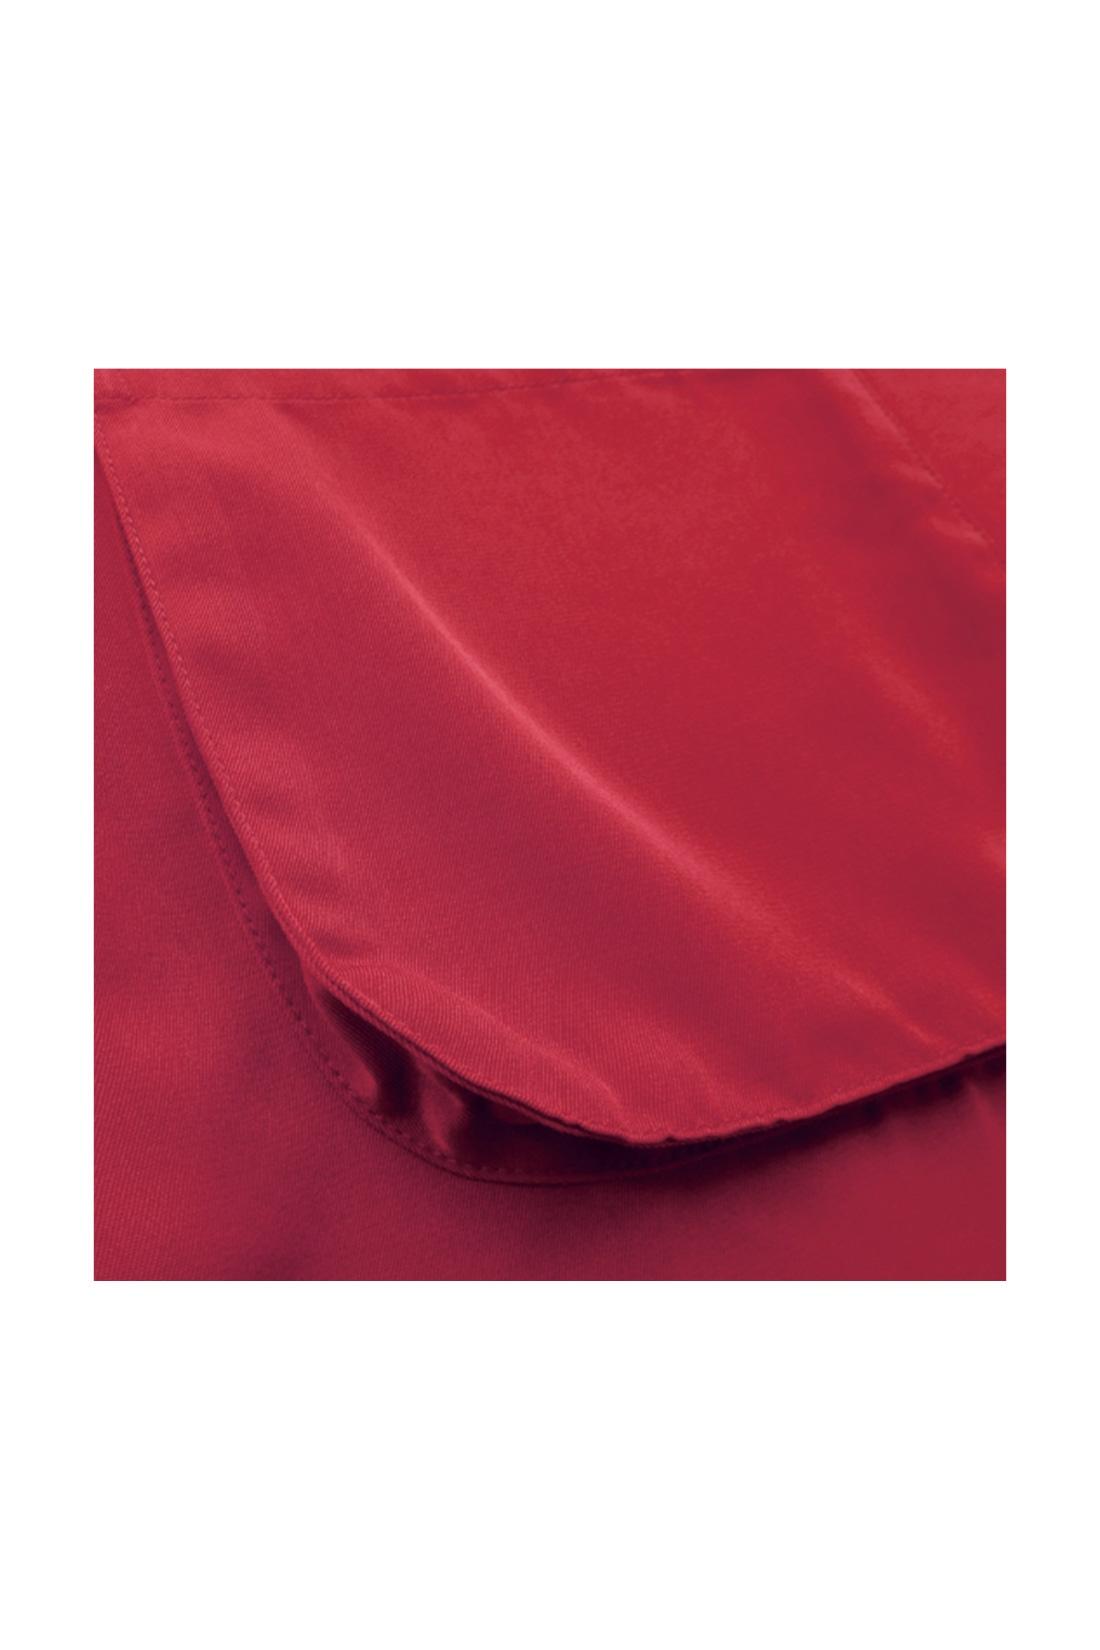 ぷっくり袖のおめかしワンピース〈グレー〉